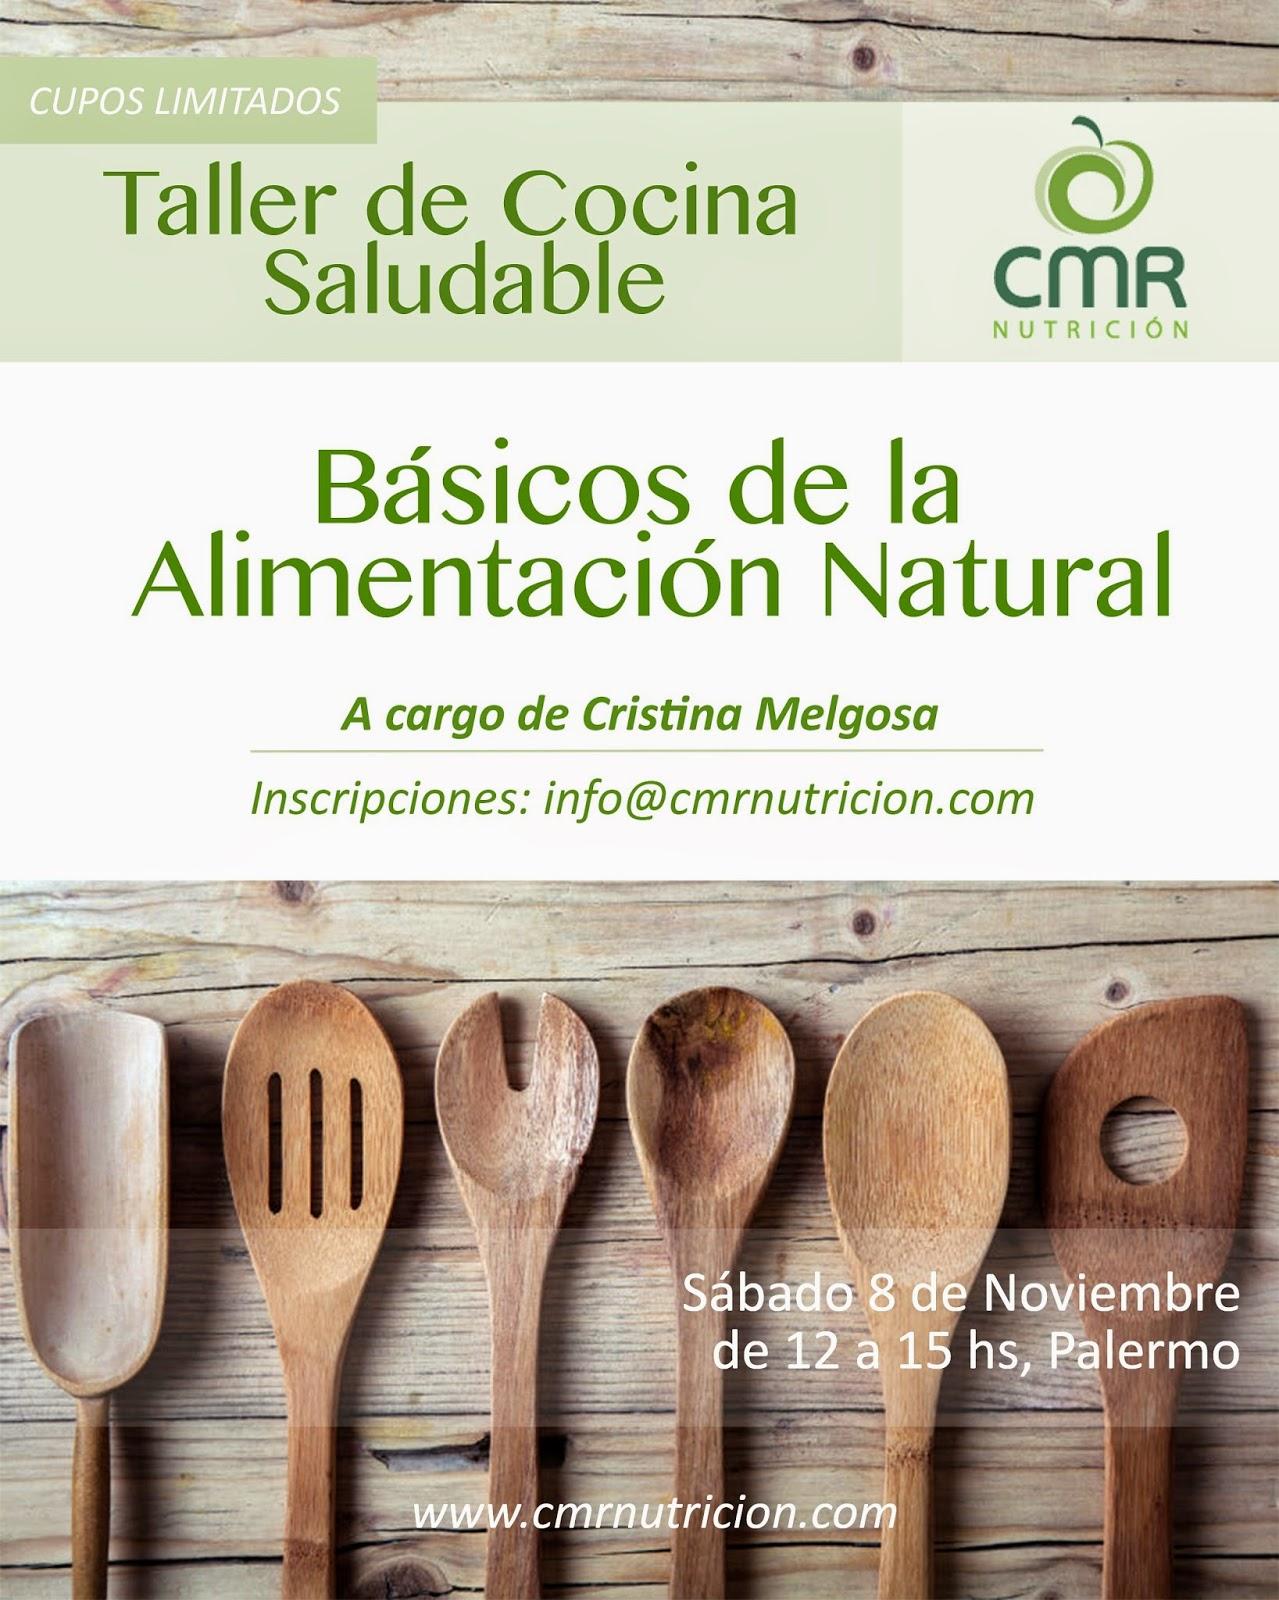 Cmr nutrici n taller de cocina saludable b sicos de la for Cocina saludable